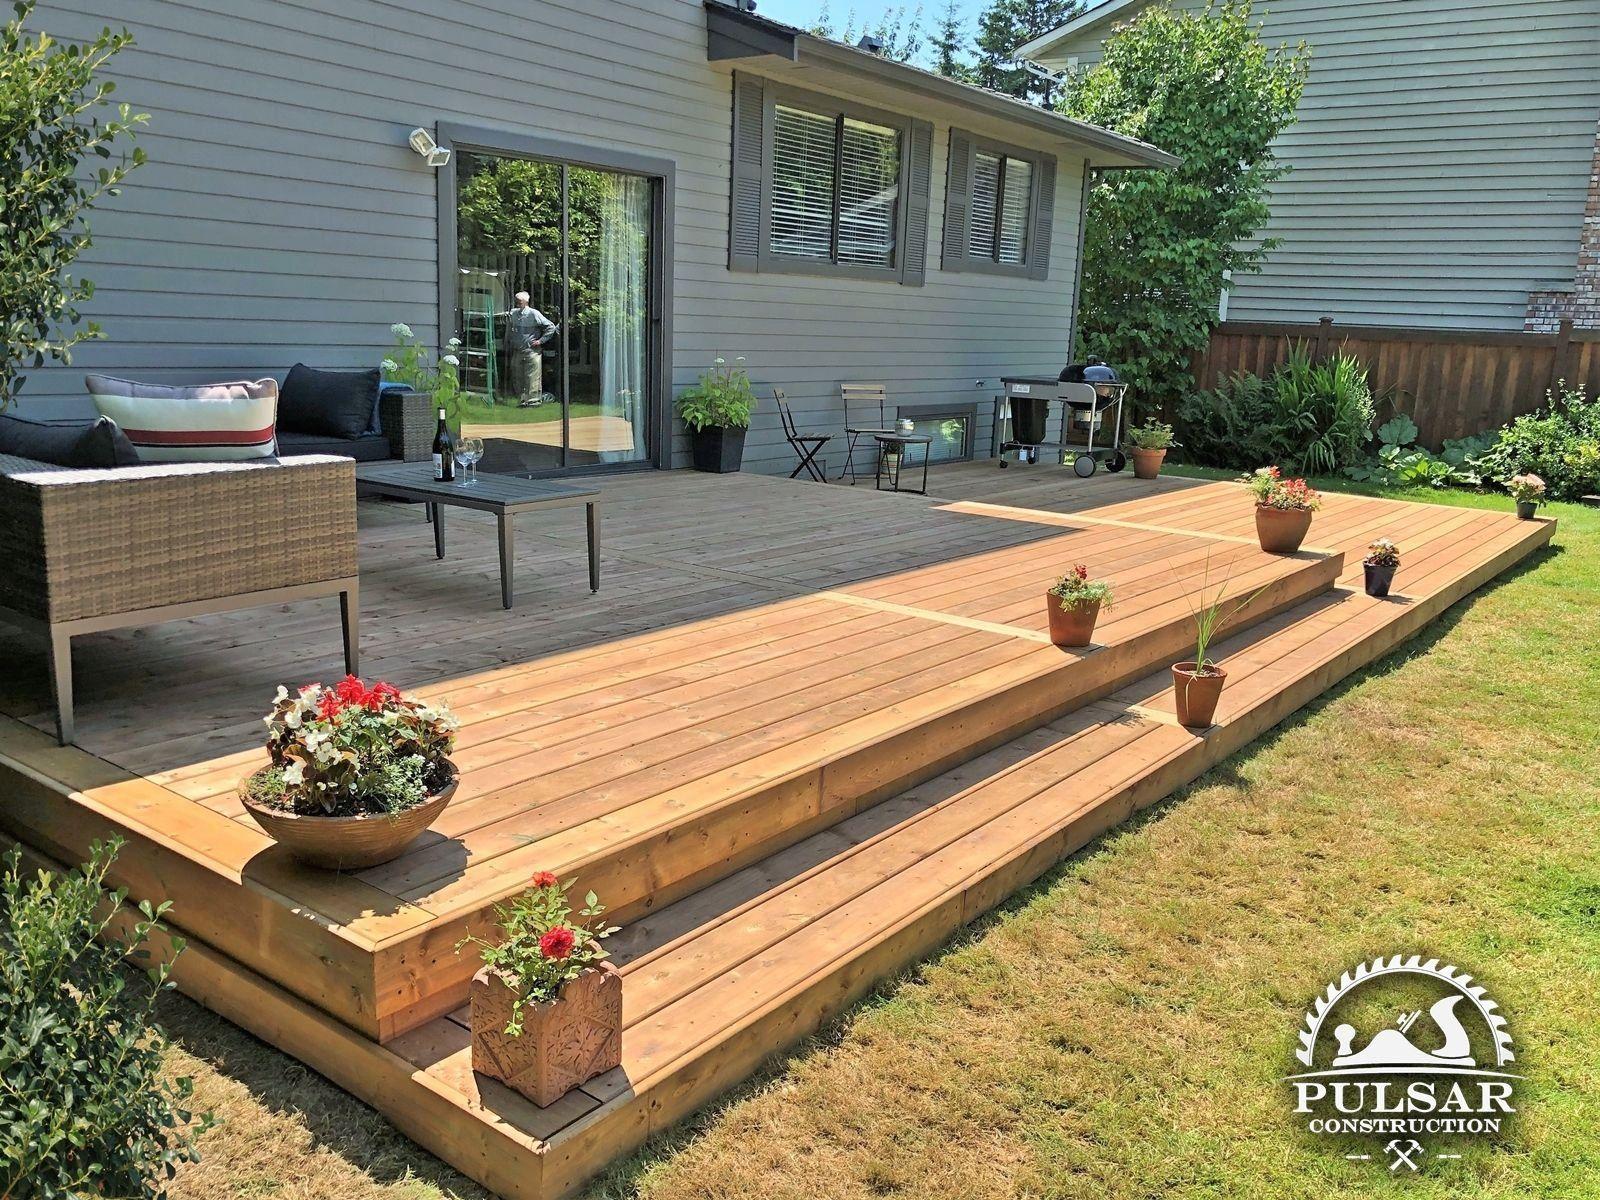 Split-Level Patio Deck | 1000 in 2020 | Deck designs ... on Split Level Backyard Ideas id=11187